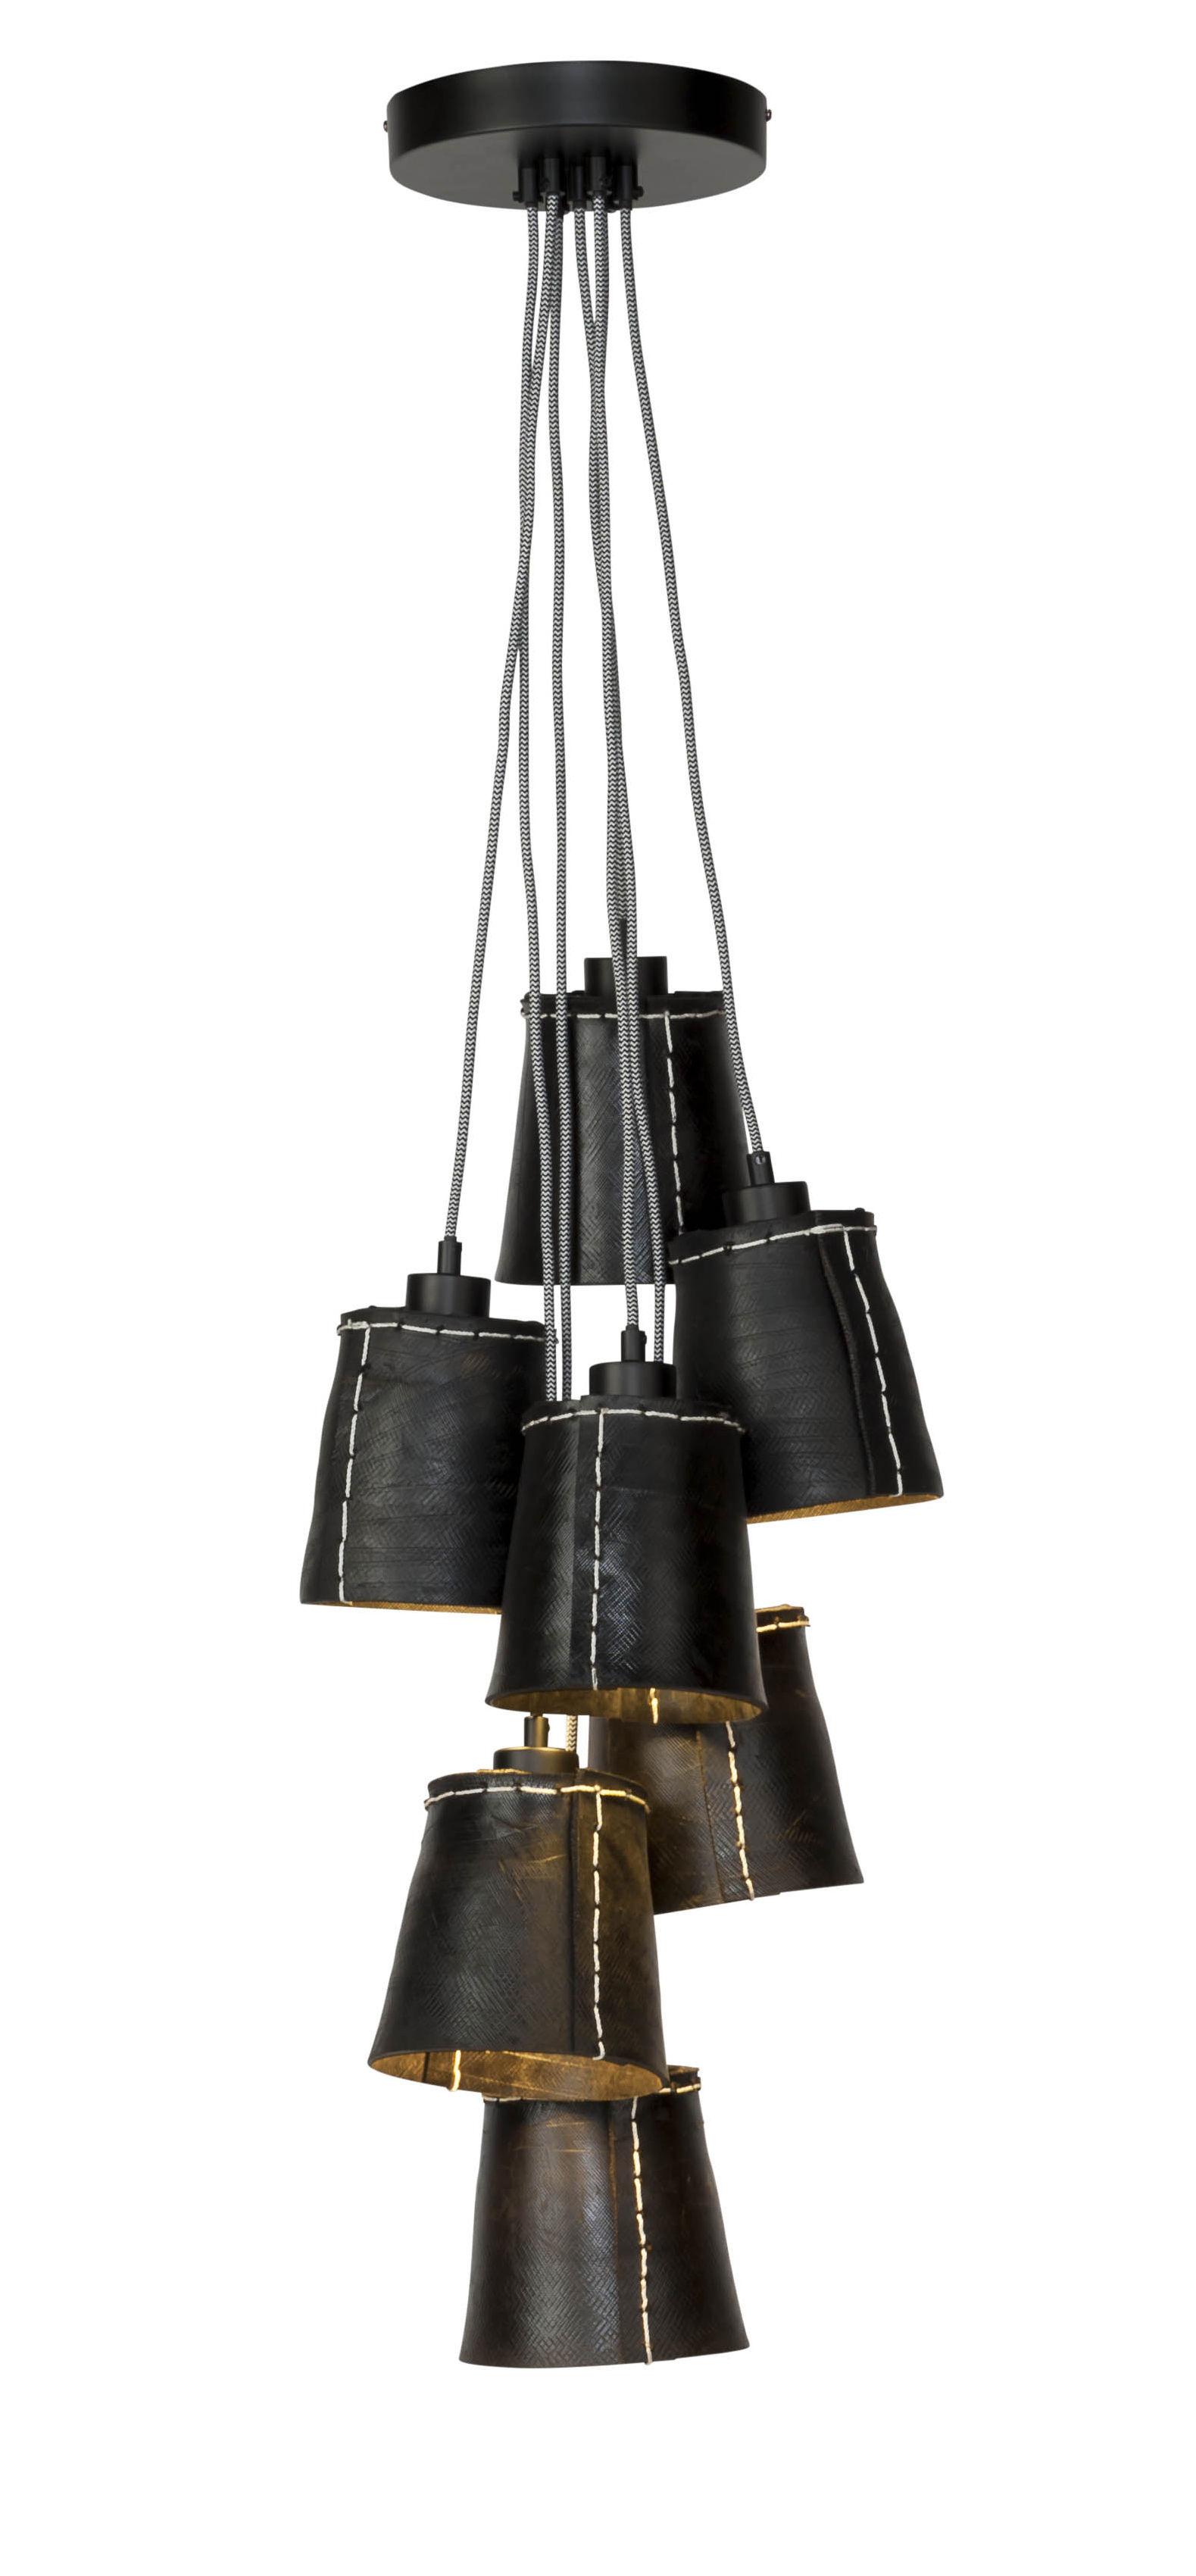 Luminaire - Suspensions - Suspension Amazon / 7 abat-jours - Pneu recyclé - GOOD&MOJO - Noir - Pneu recyclé